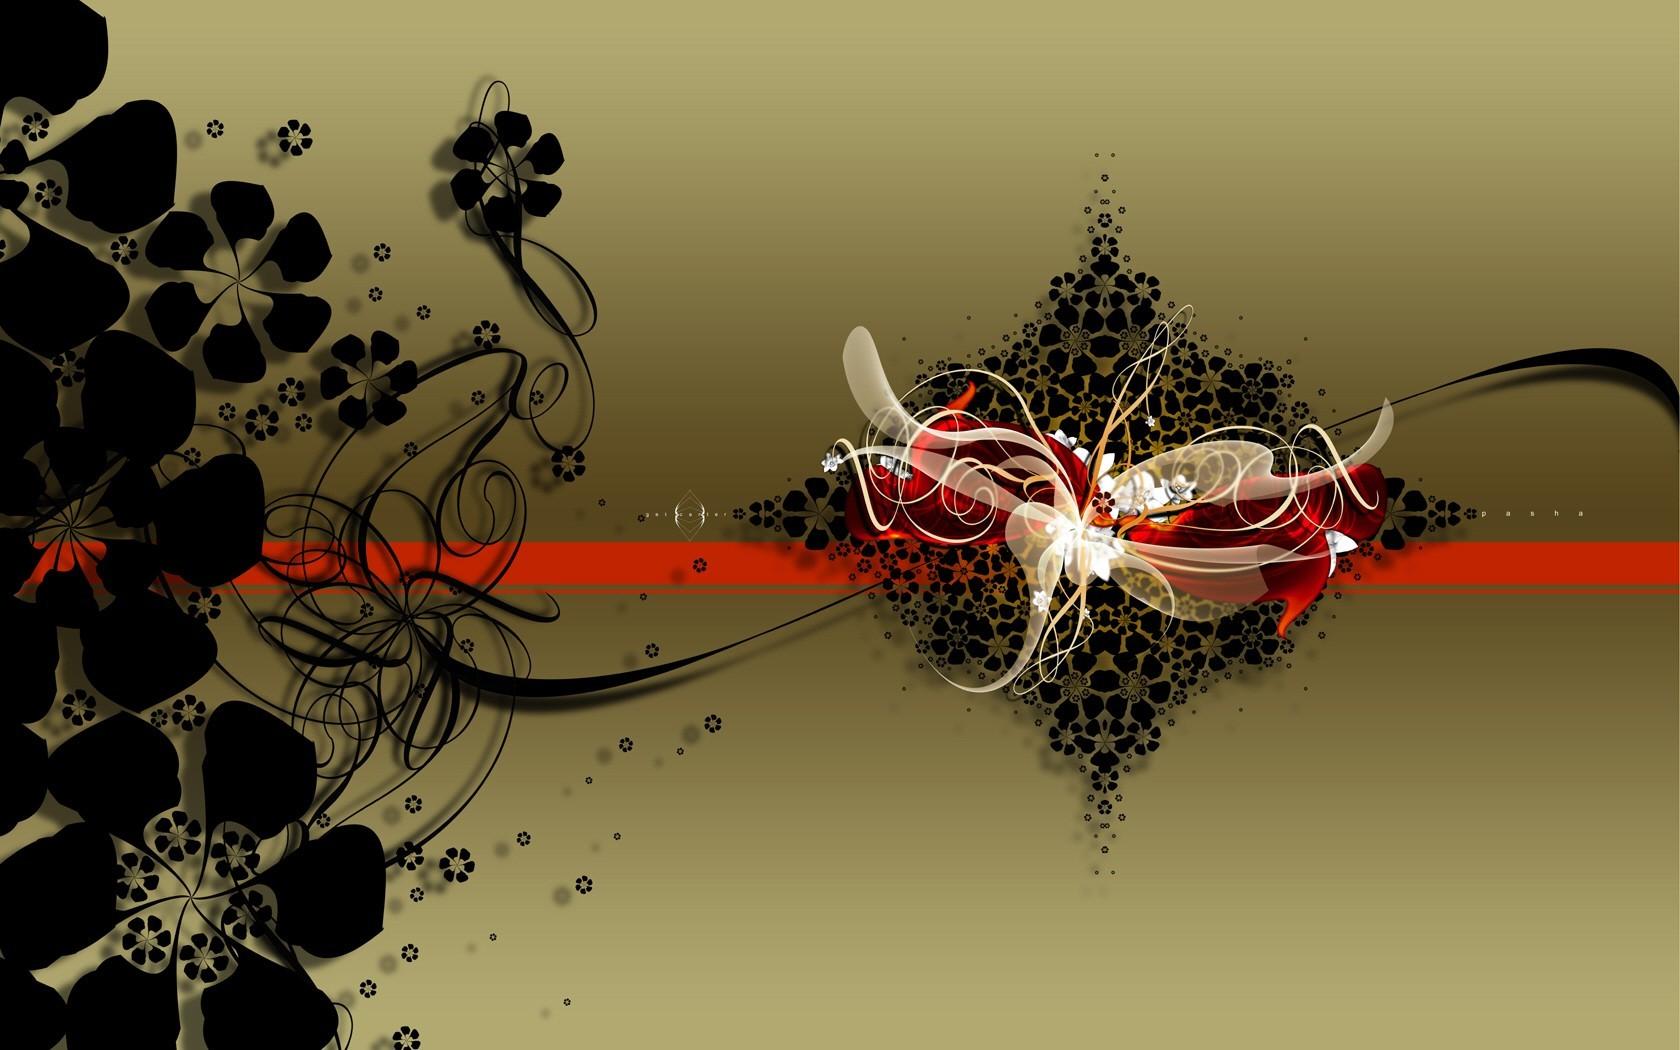 Взрыв цветов красивая абстракция